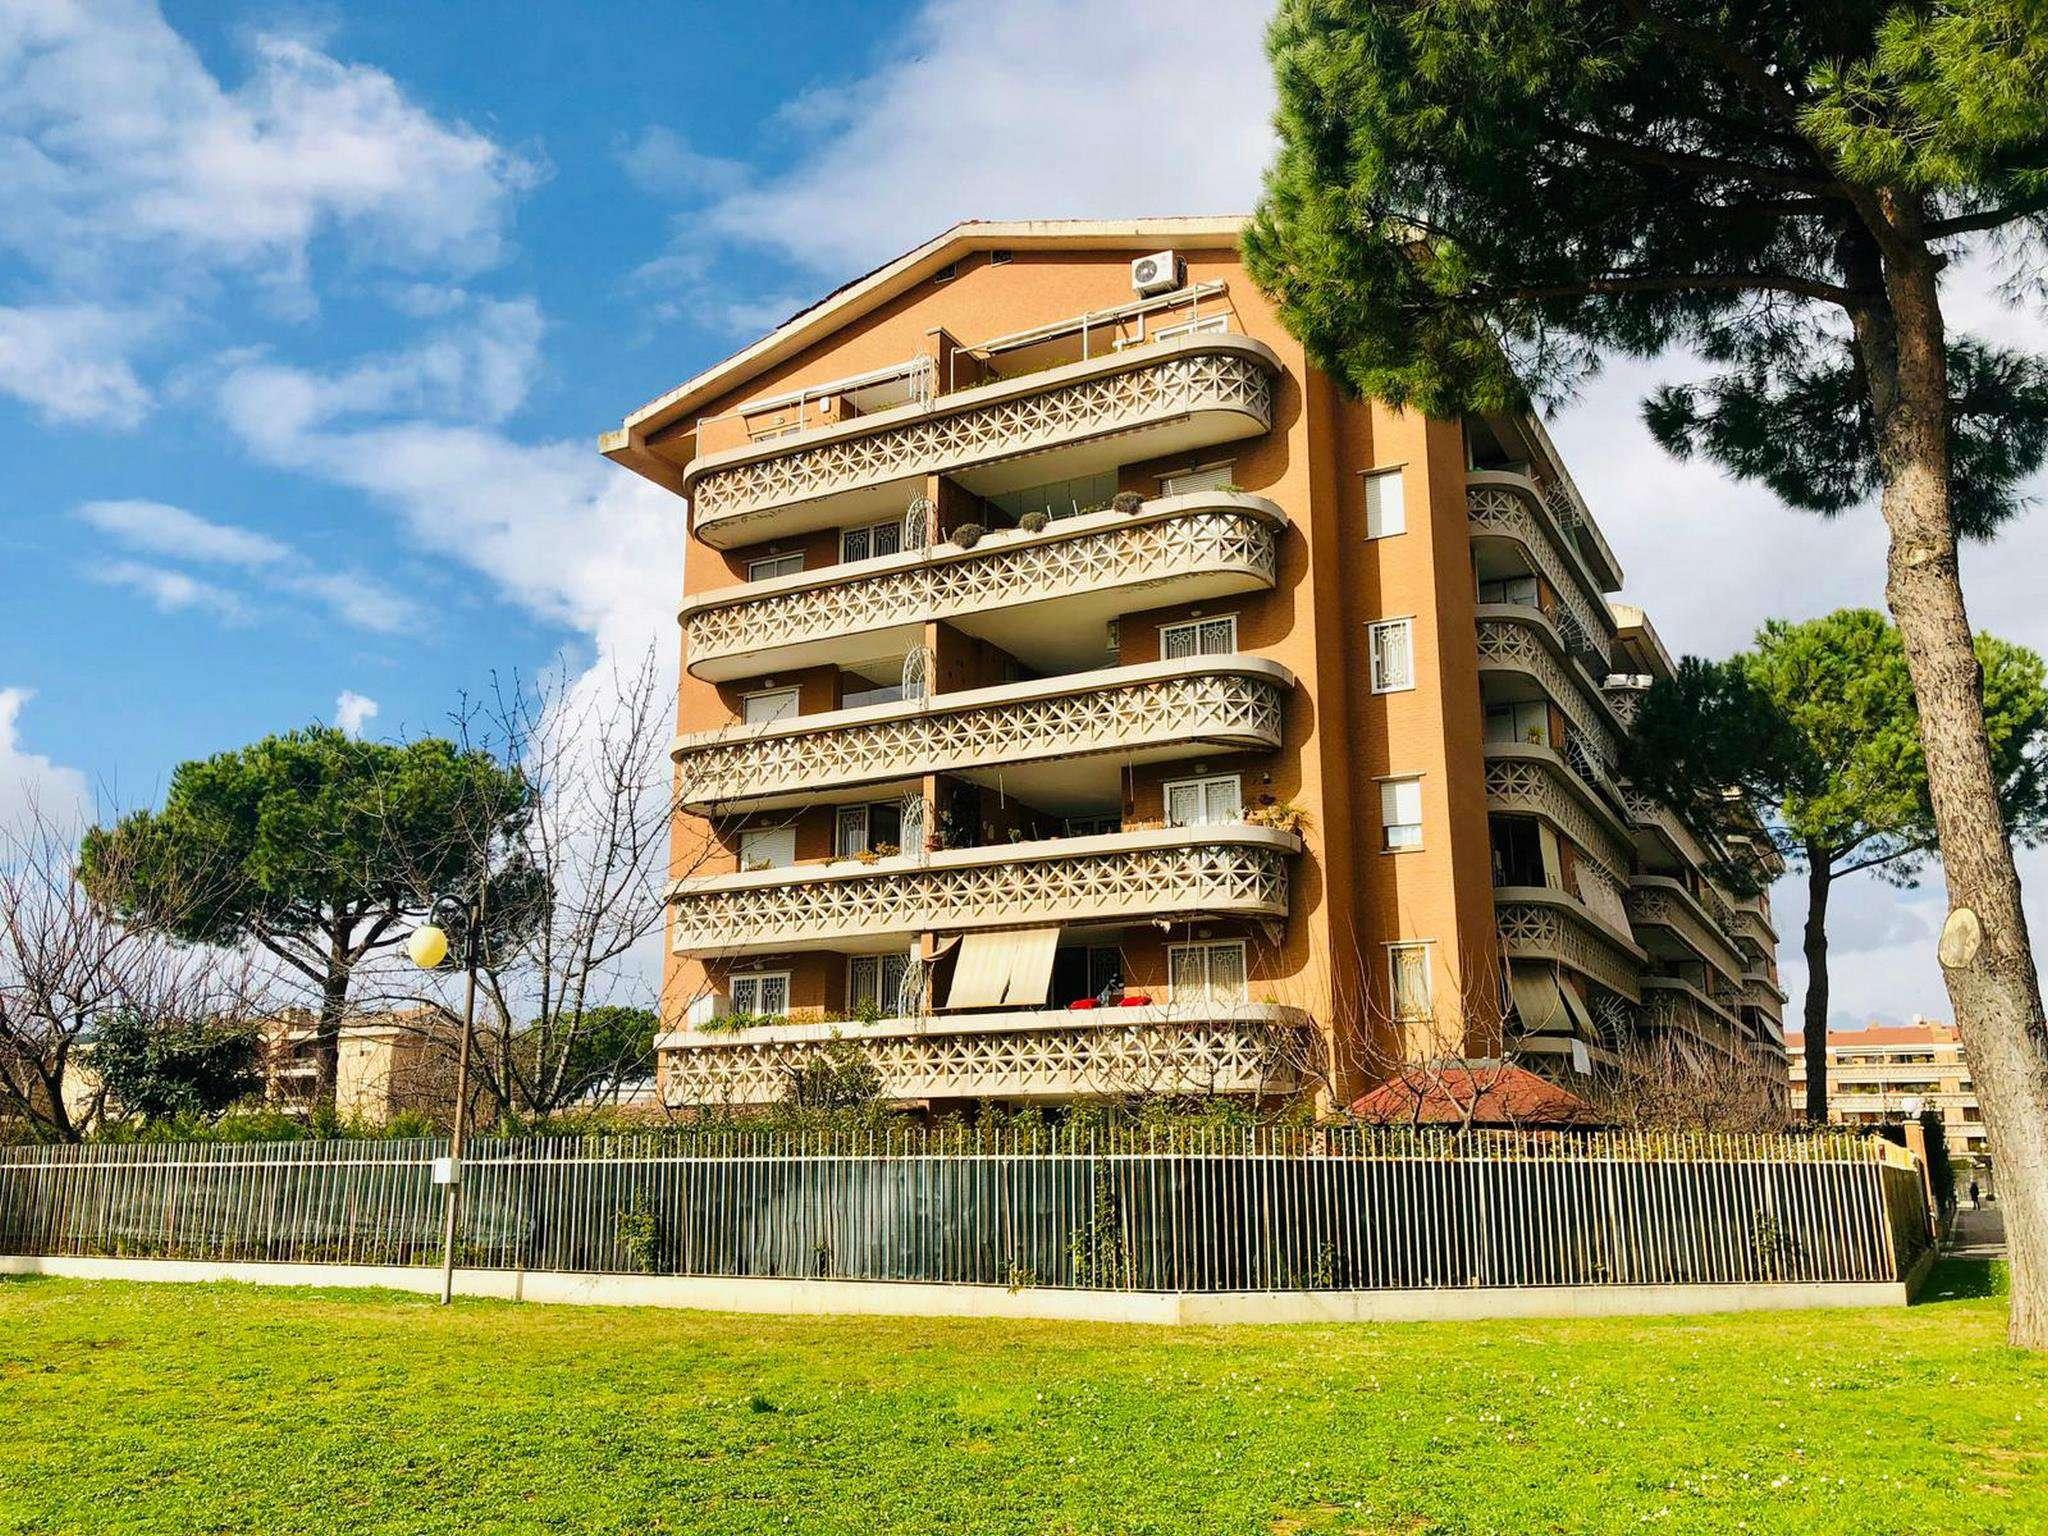 Appartamento in vendita a Roma, 9999 locali, zona Zona: 27 . Aurelio - Boccea, prezzo € 369.000 | CambioCasa.it